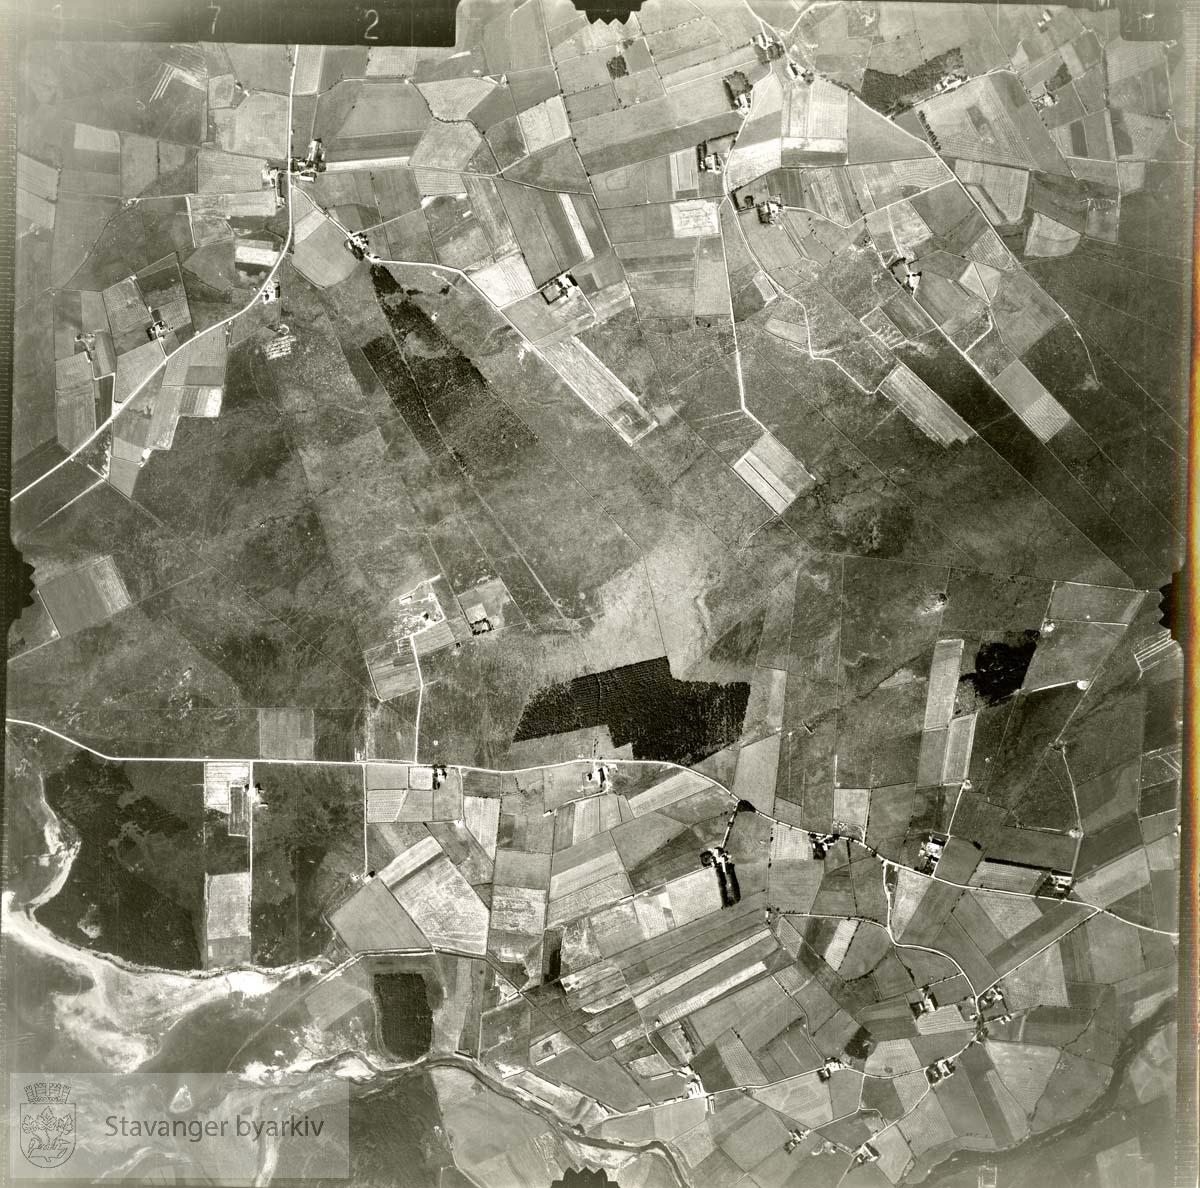 Jfr. kart/fotoplan C12/372..Se ByStW_Uca_002 (kan lastes ned under fanen for kart på Stavangerbilder)